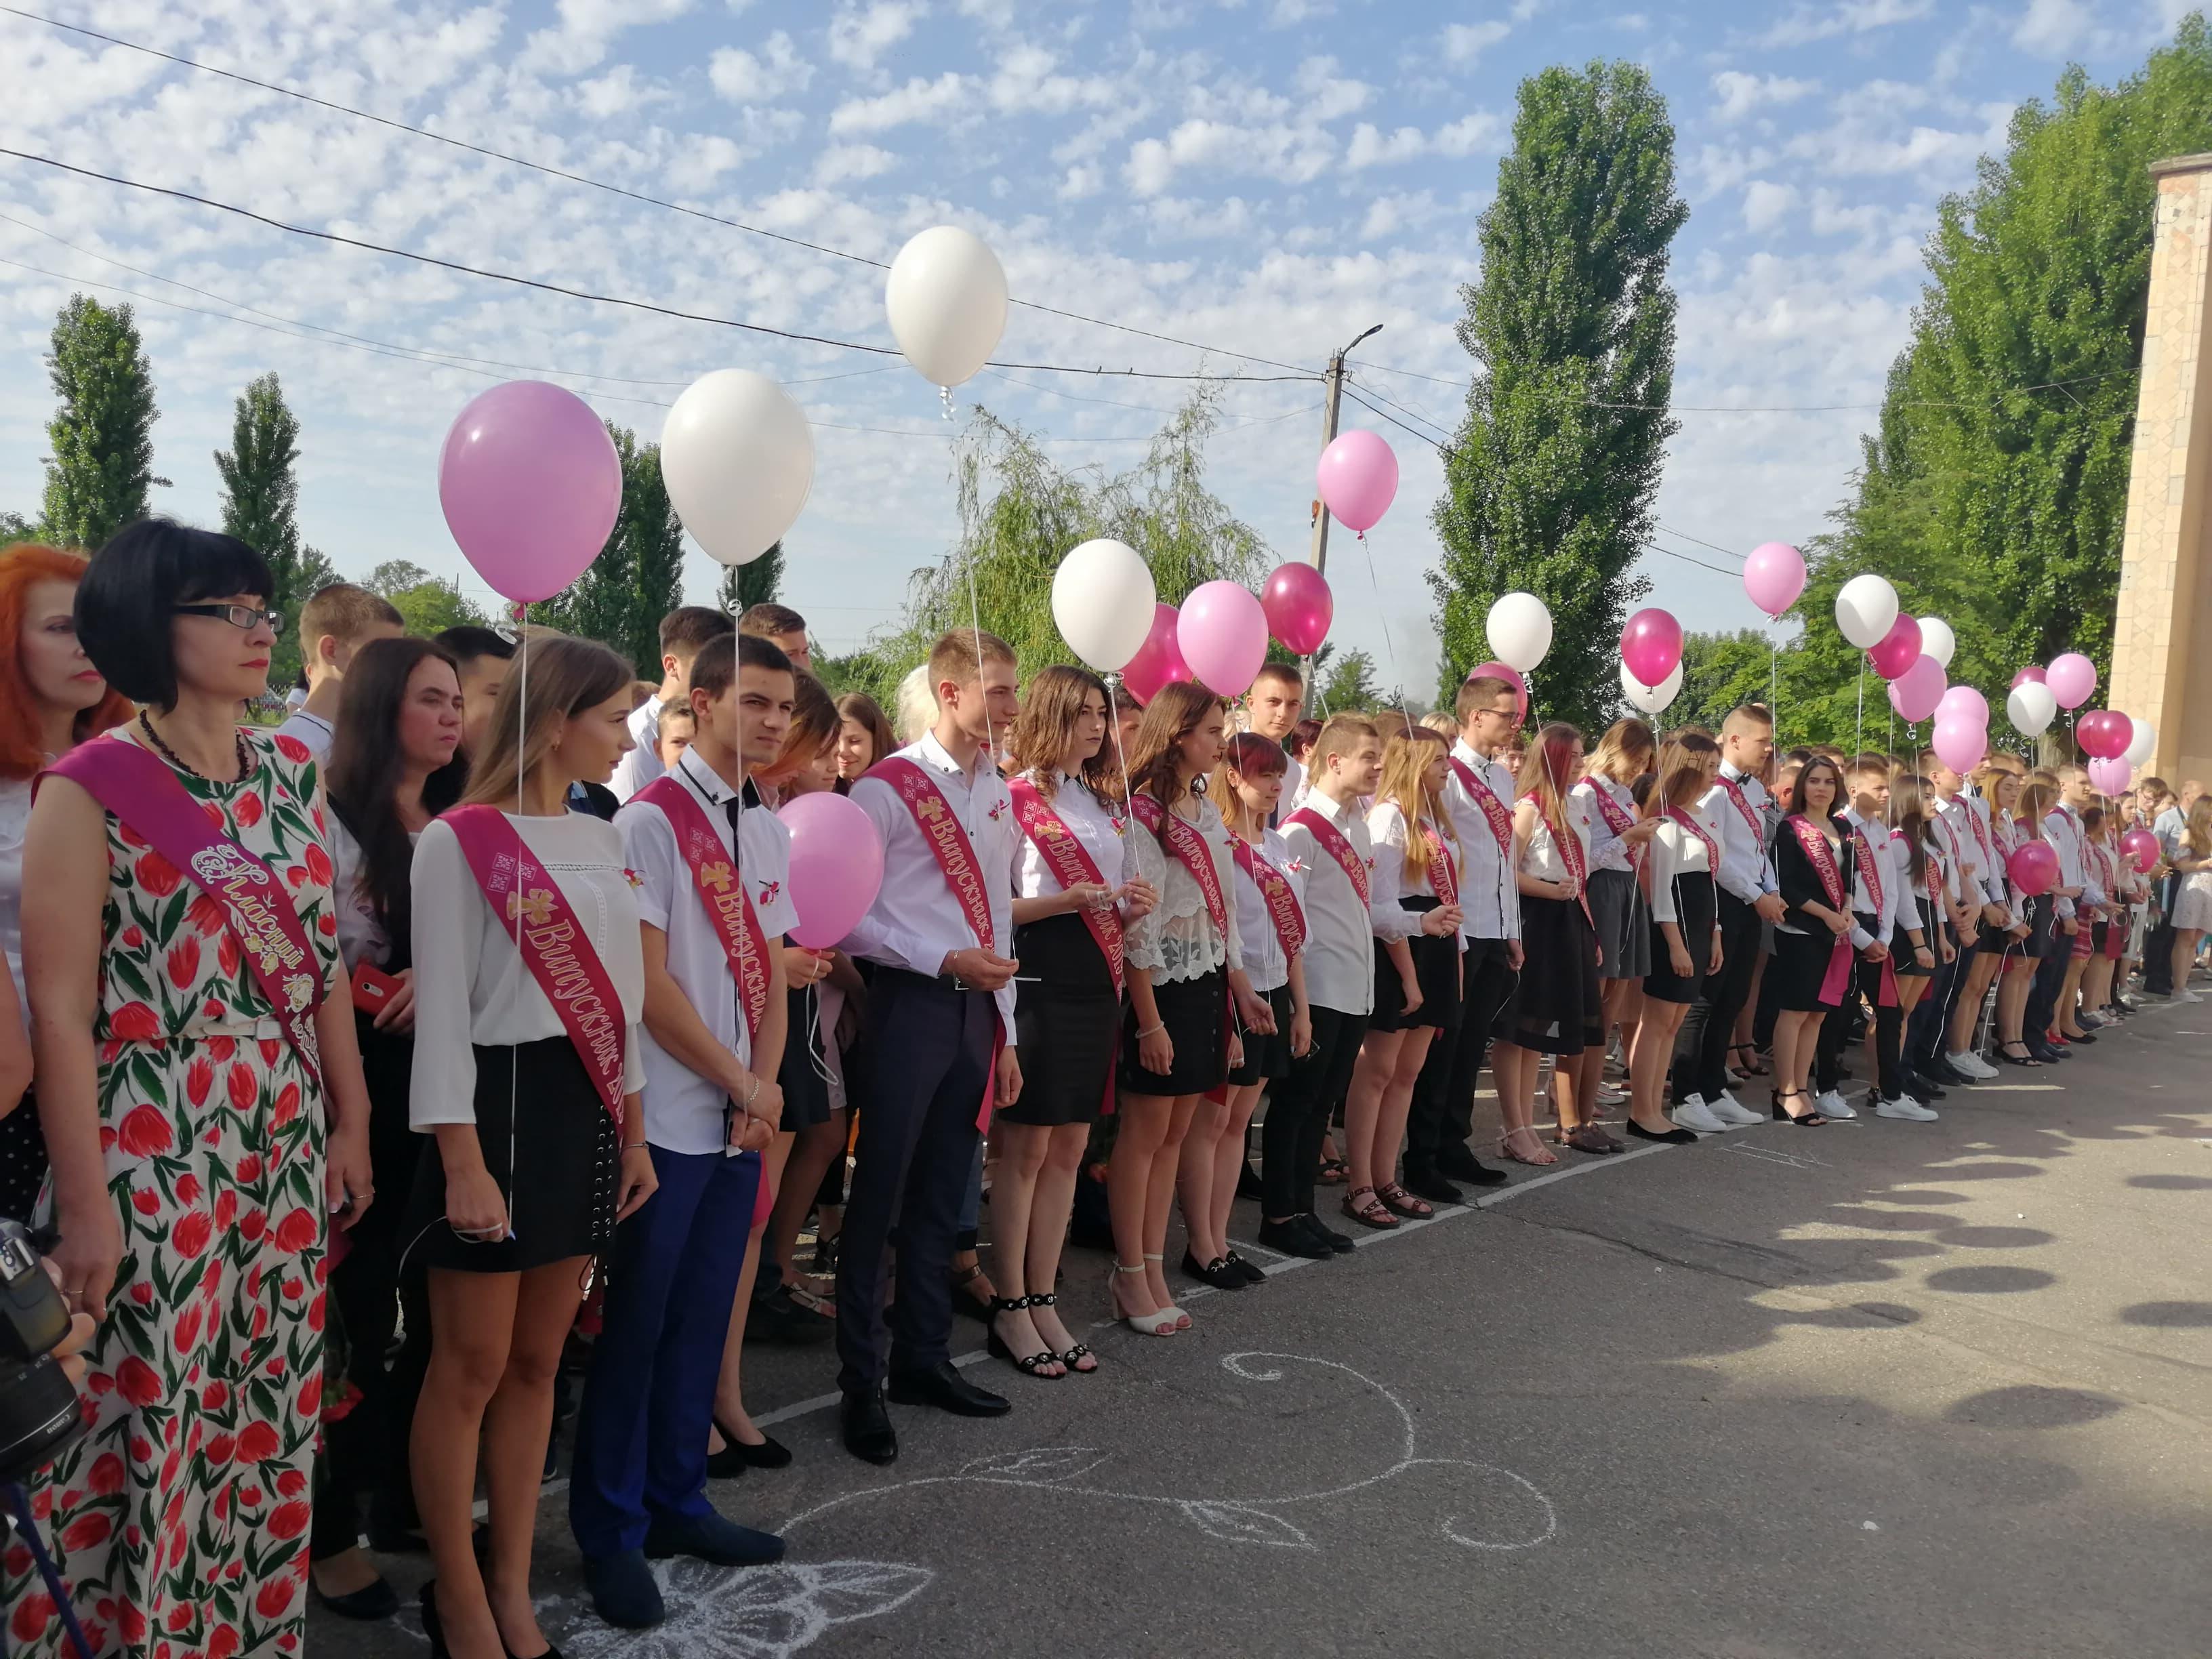 У Кропивницькому останній дзвоник лунав для понад 25 тисяч школярів(ФОТО)